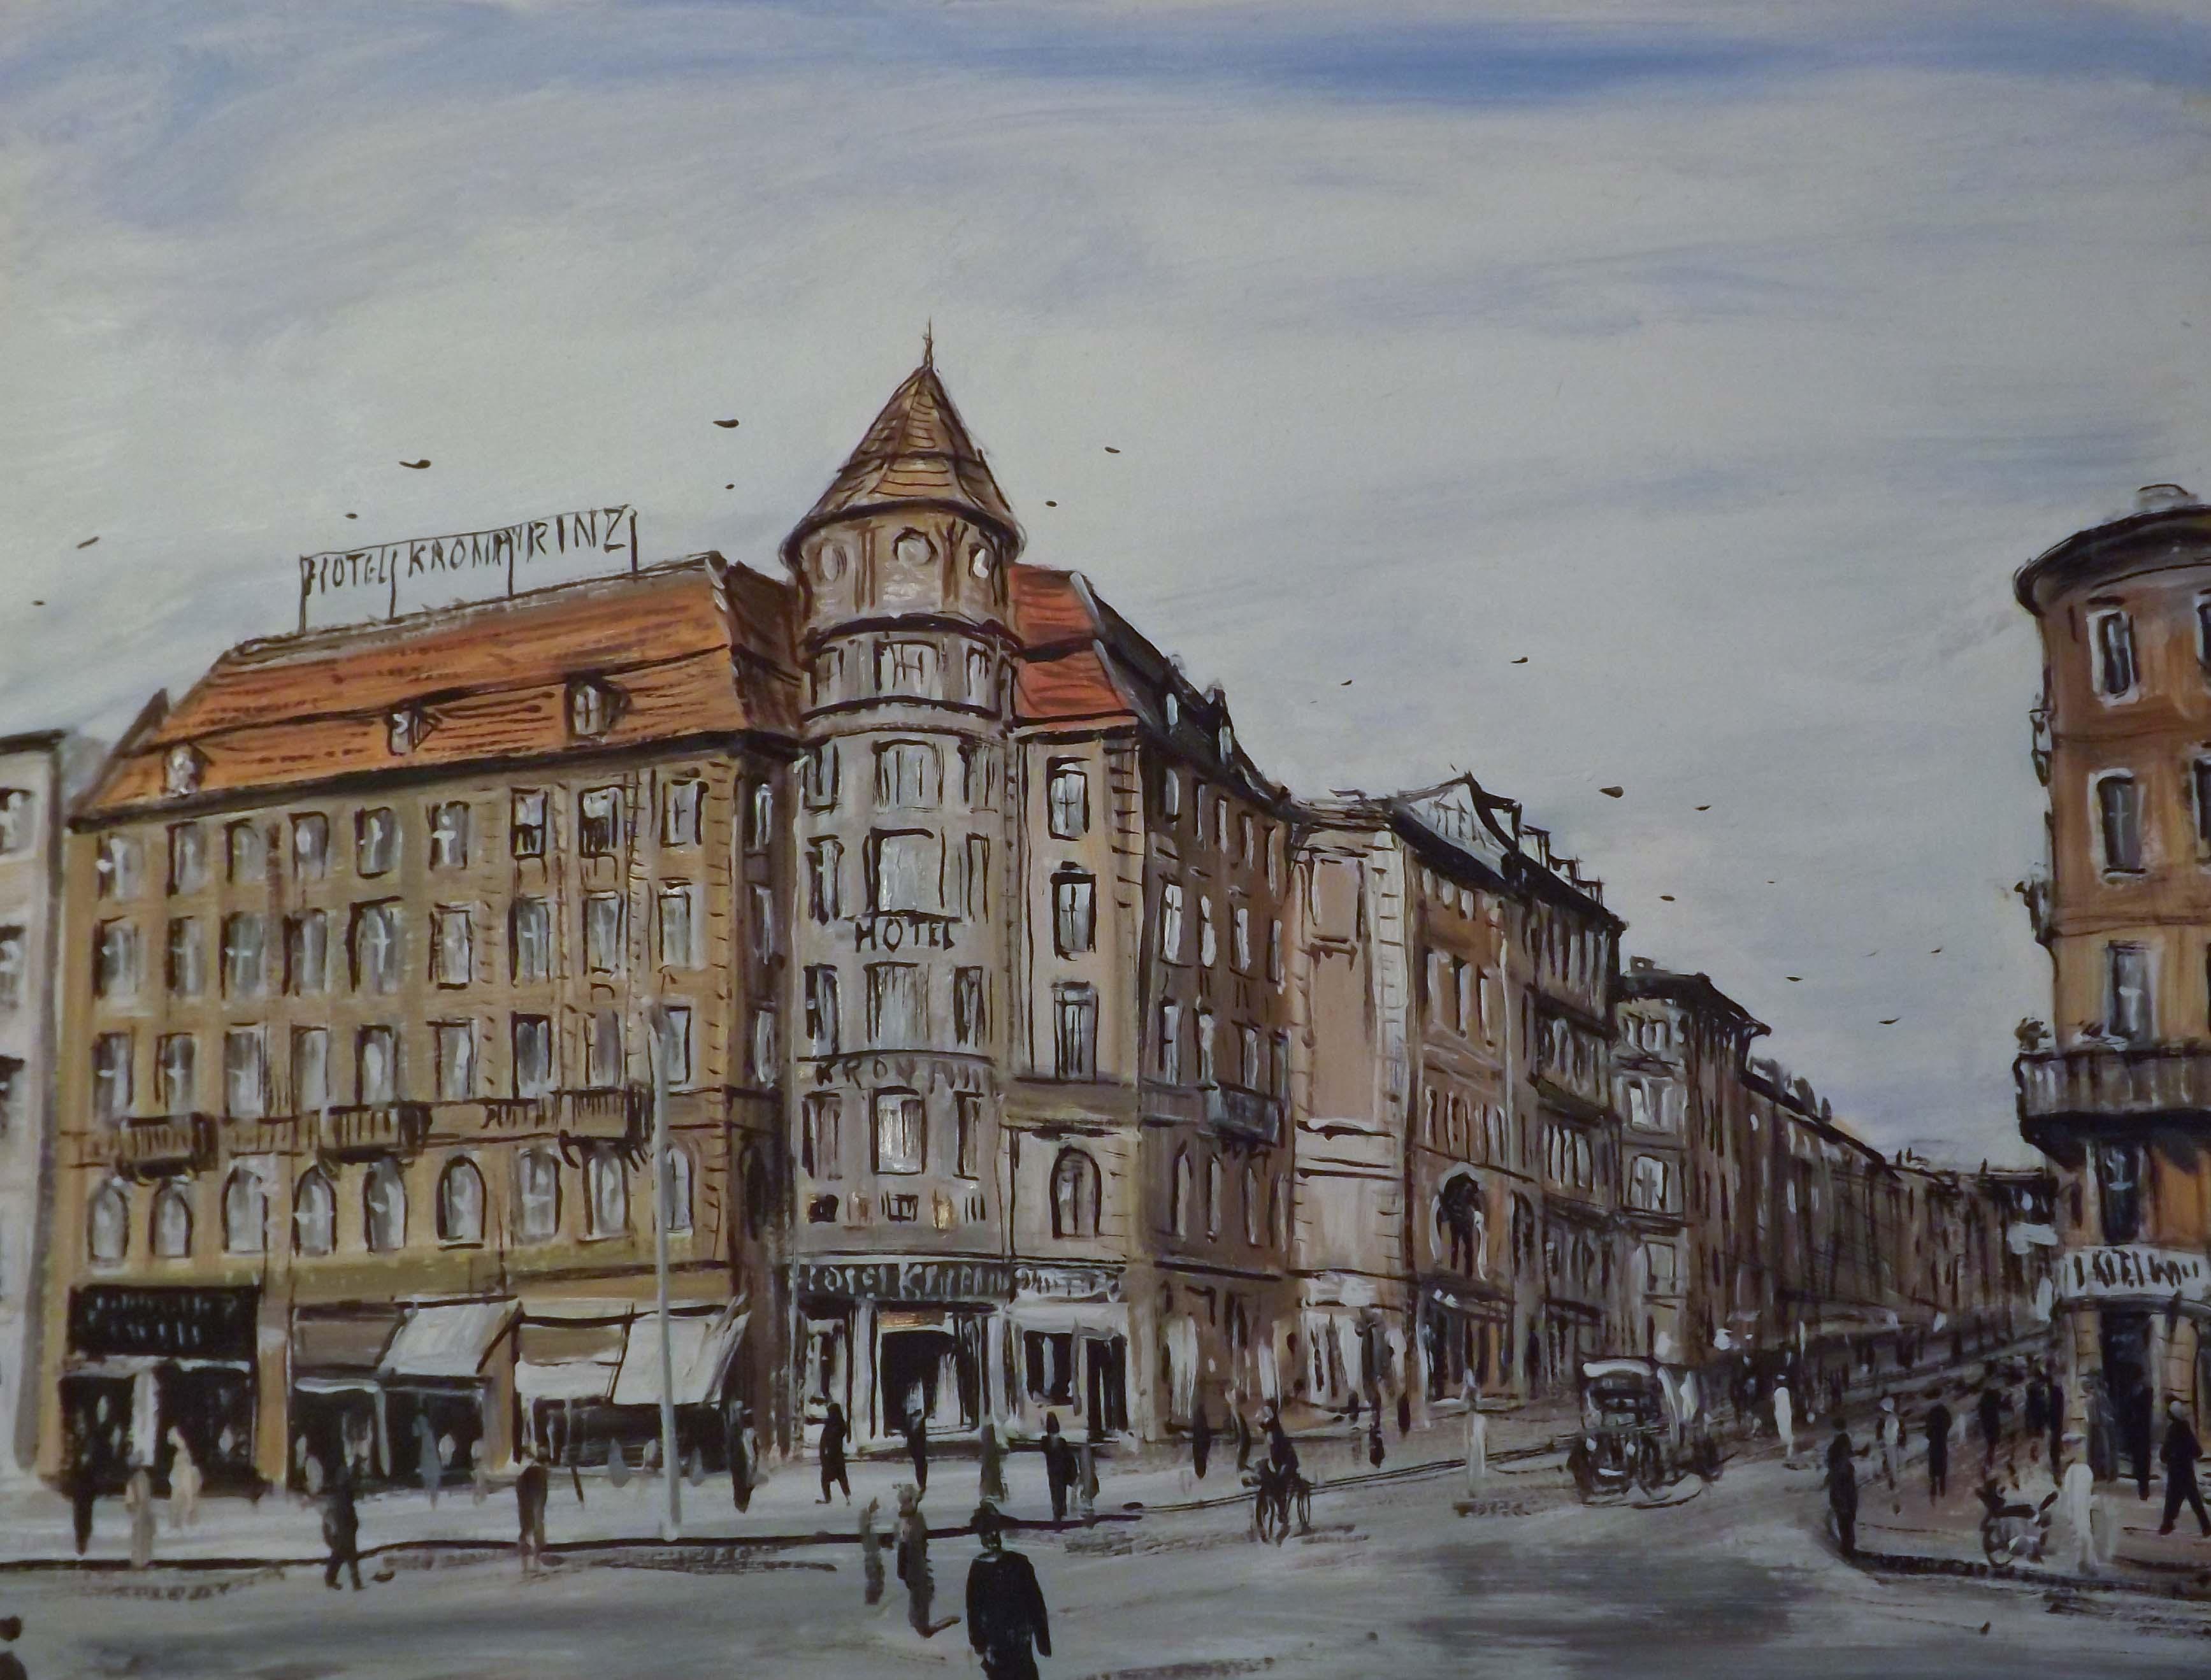 https://peter-natusch.de/wp-content/uploads/2018/01/Breslau-Hotel-Kronprinz.jpg